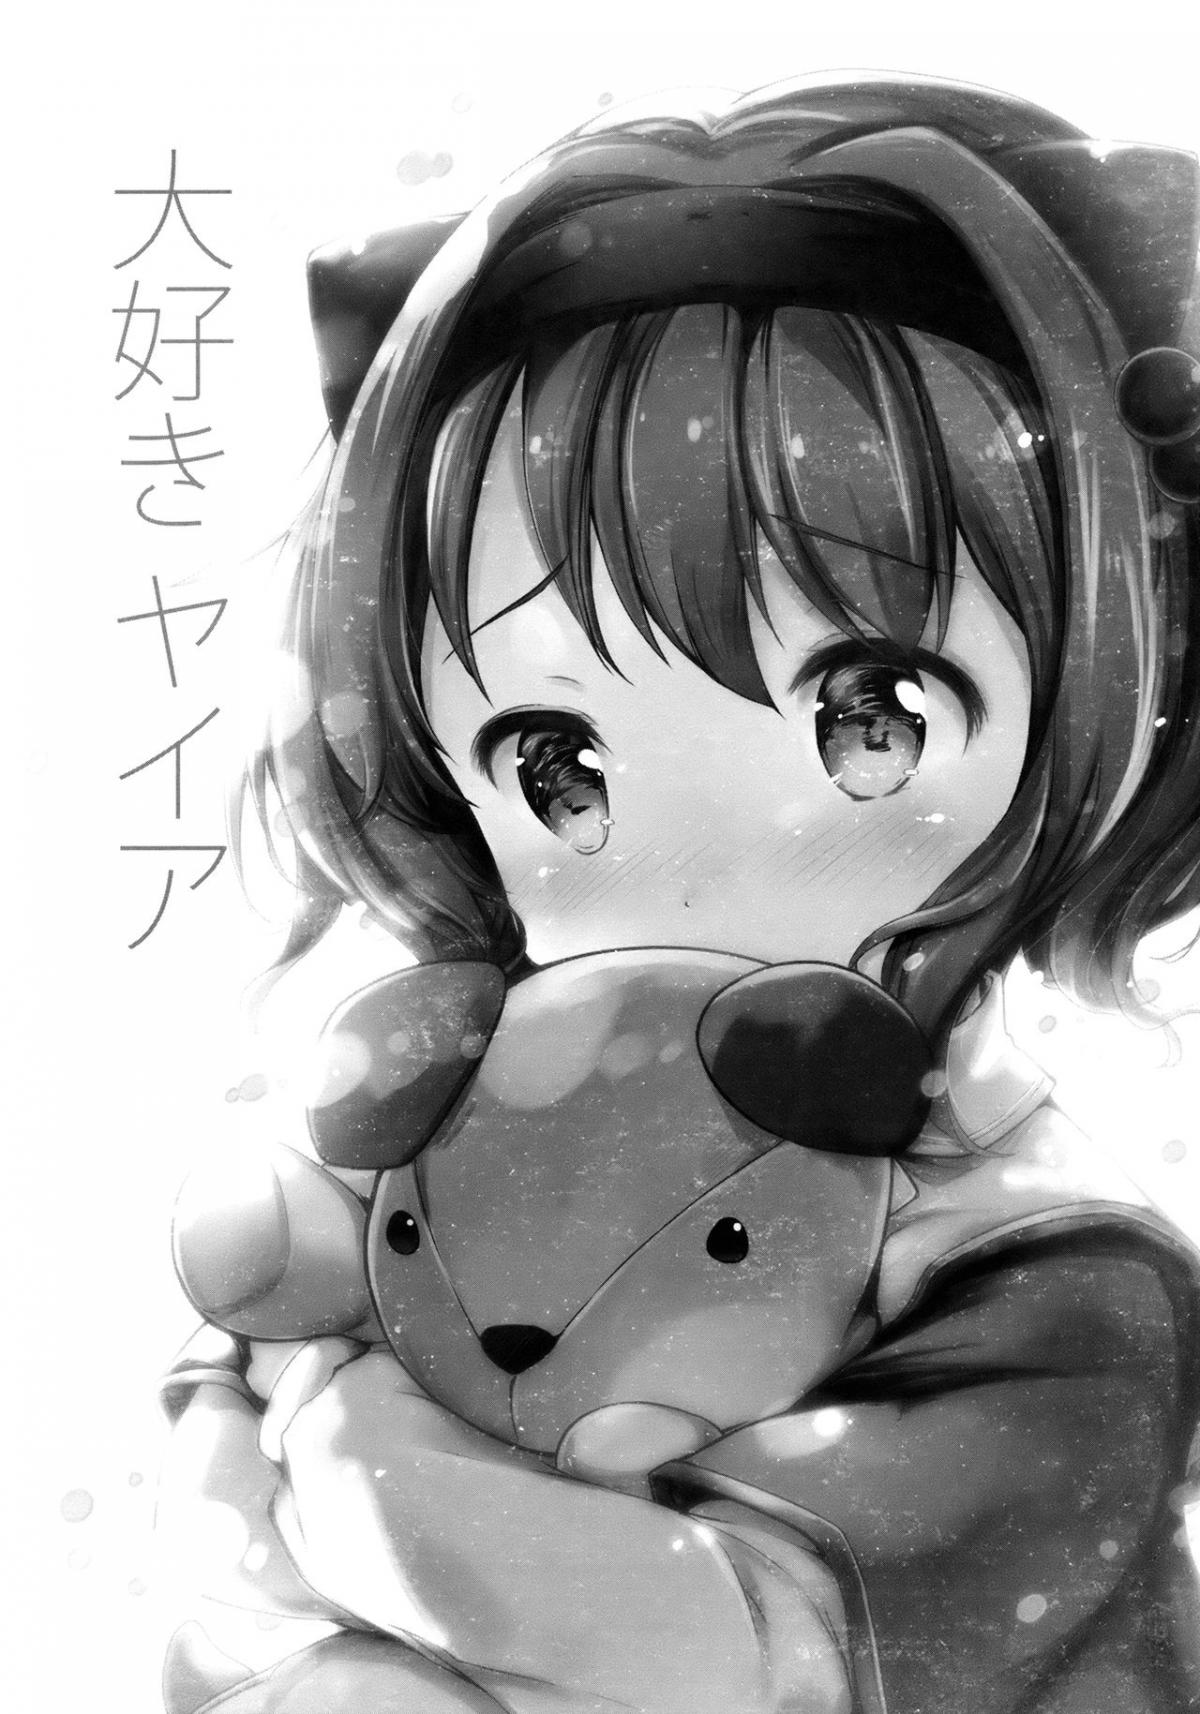 Hình ảnh  trong bài viết Daisuki Yaia